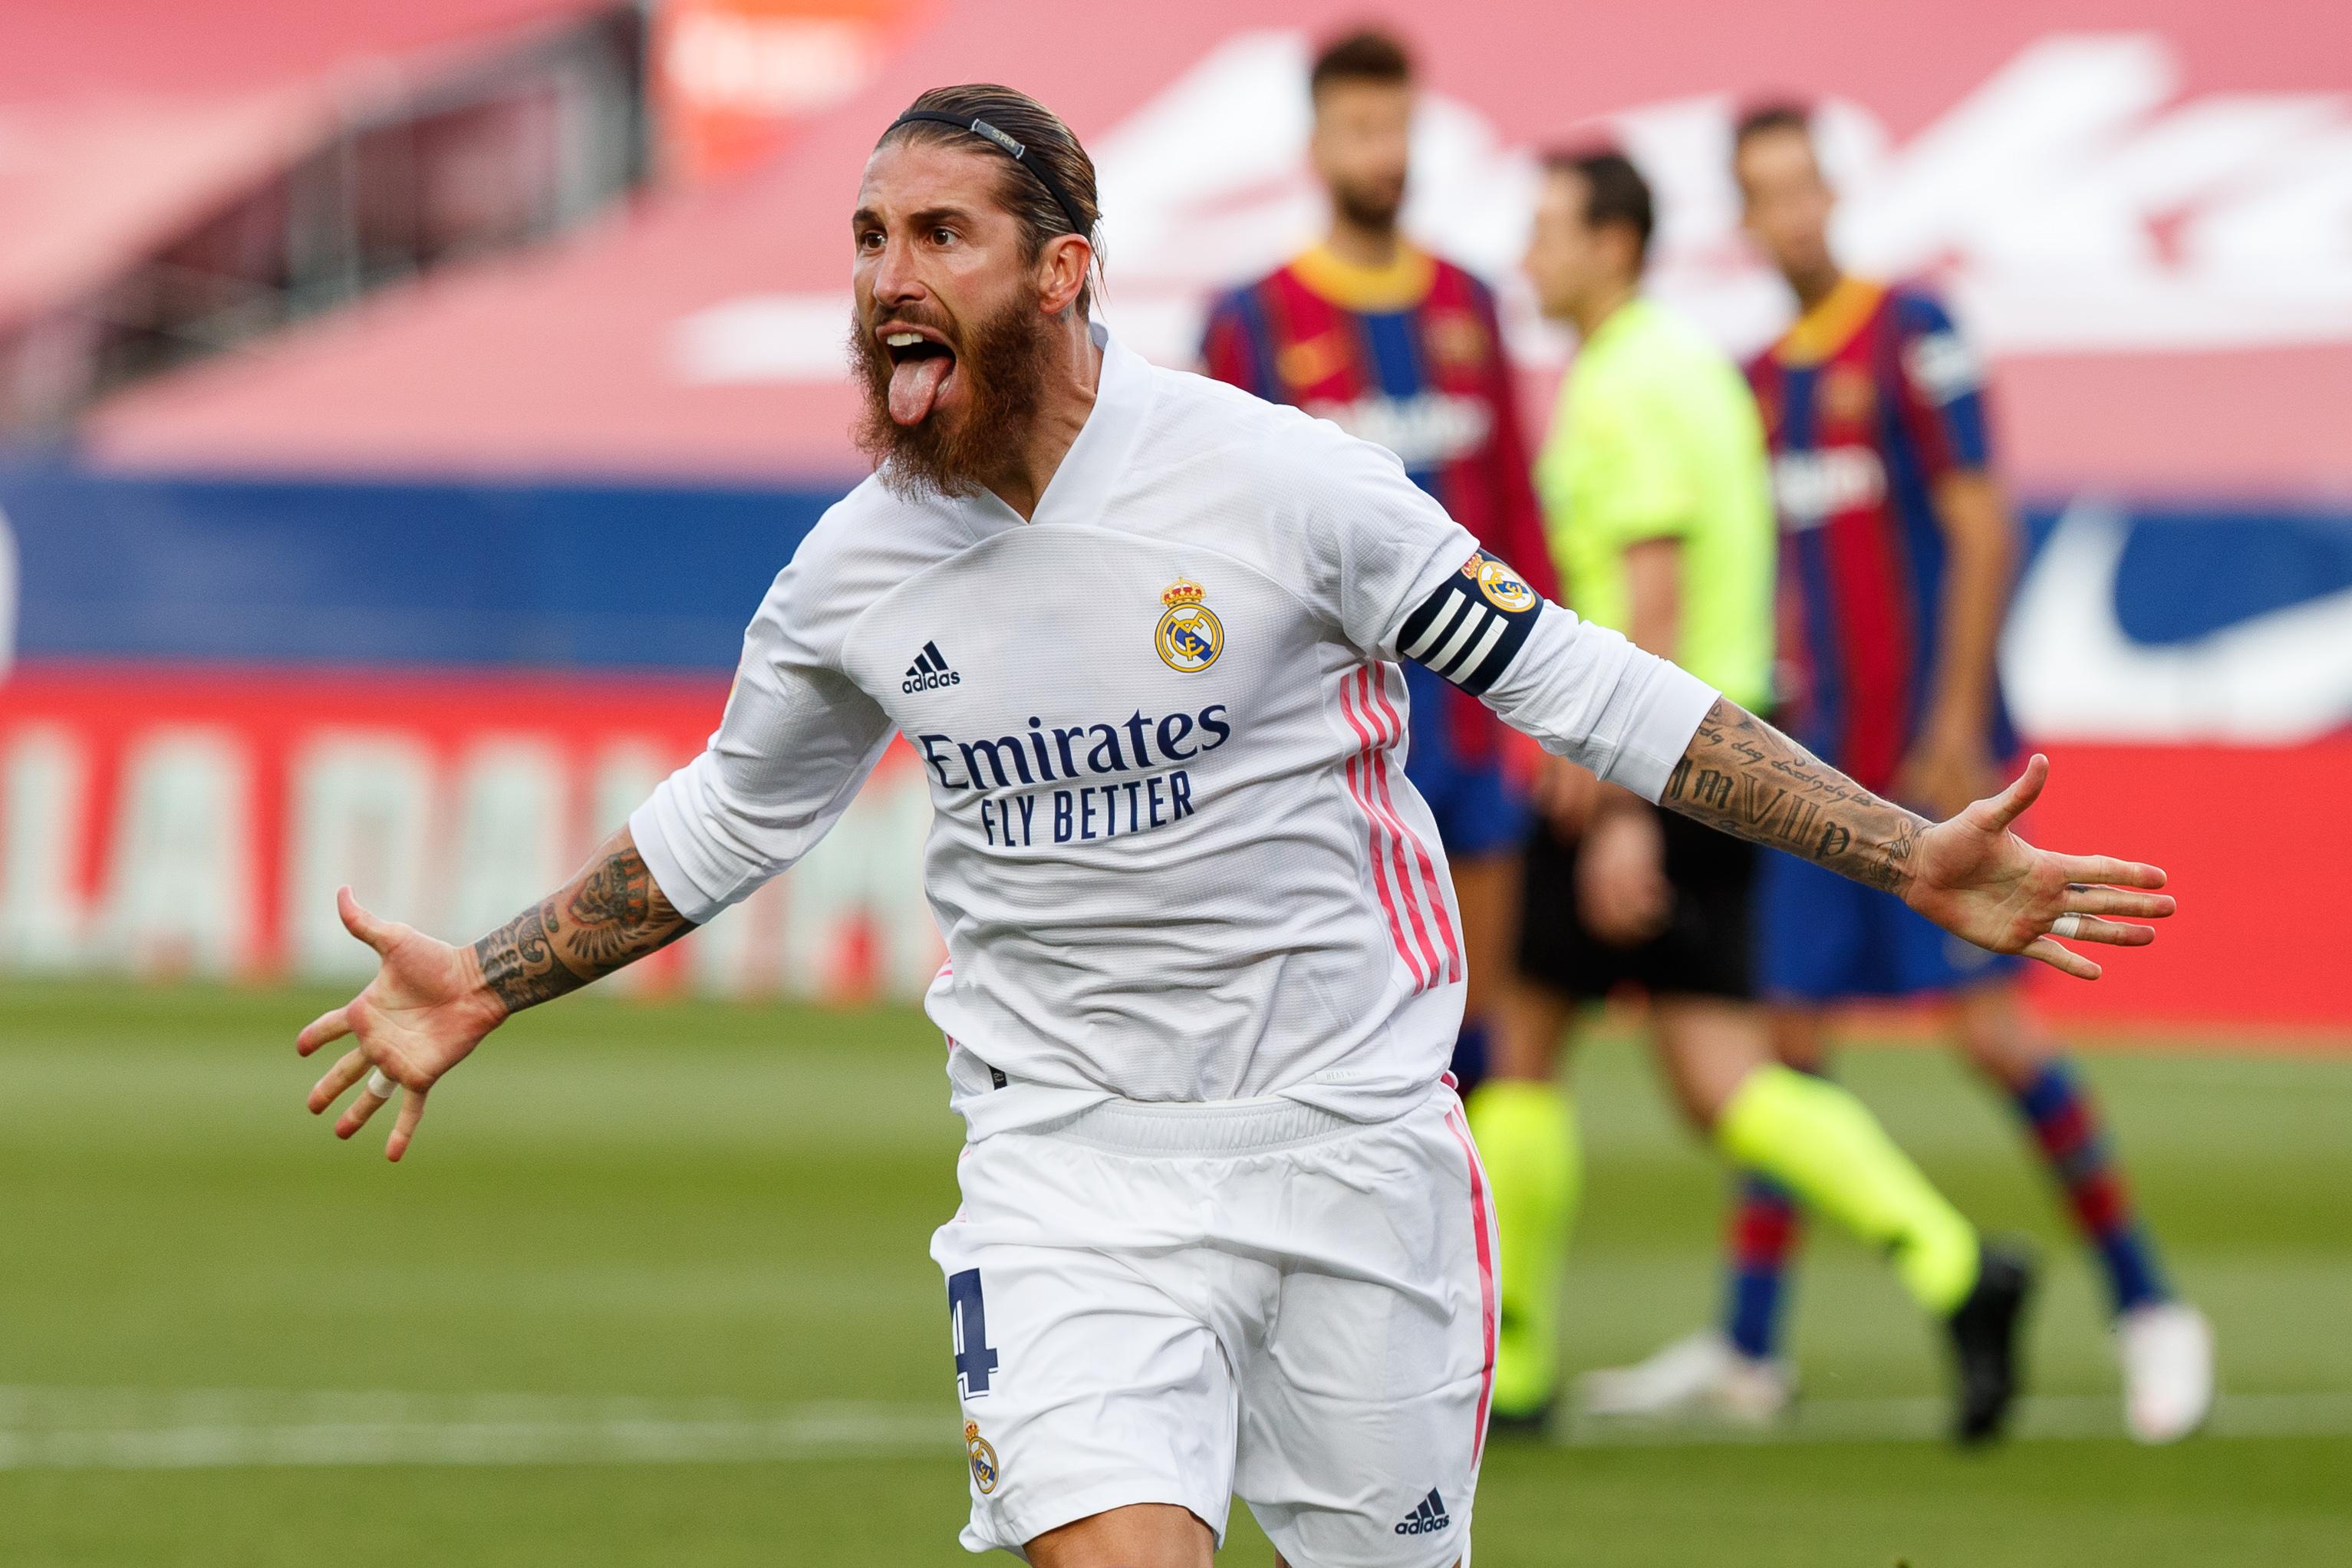 El Real Madrid se queda con el clásico del fútbol español